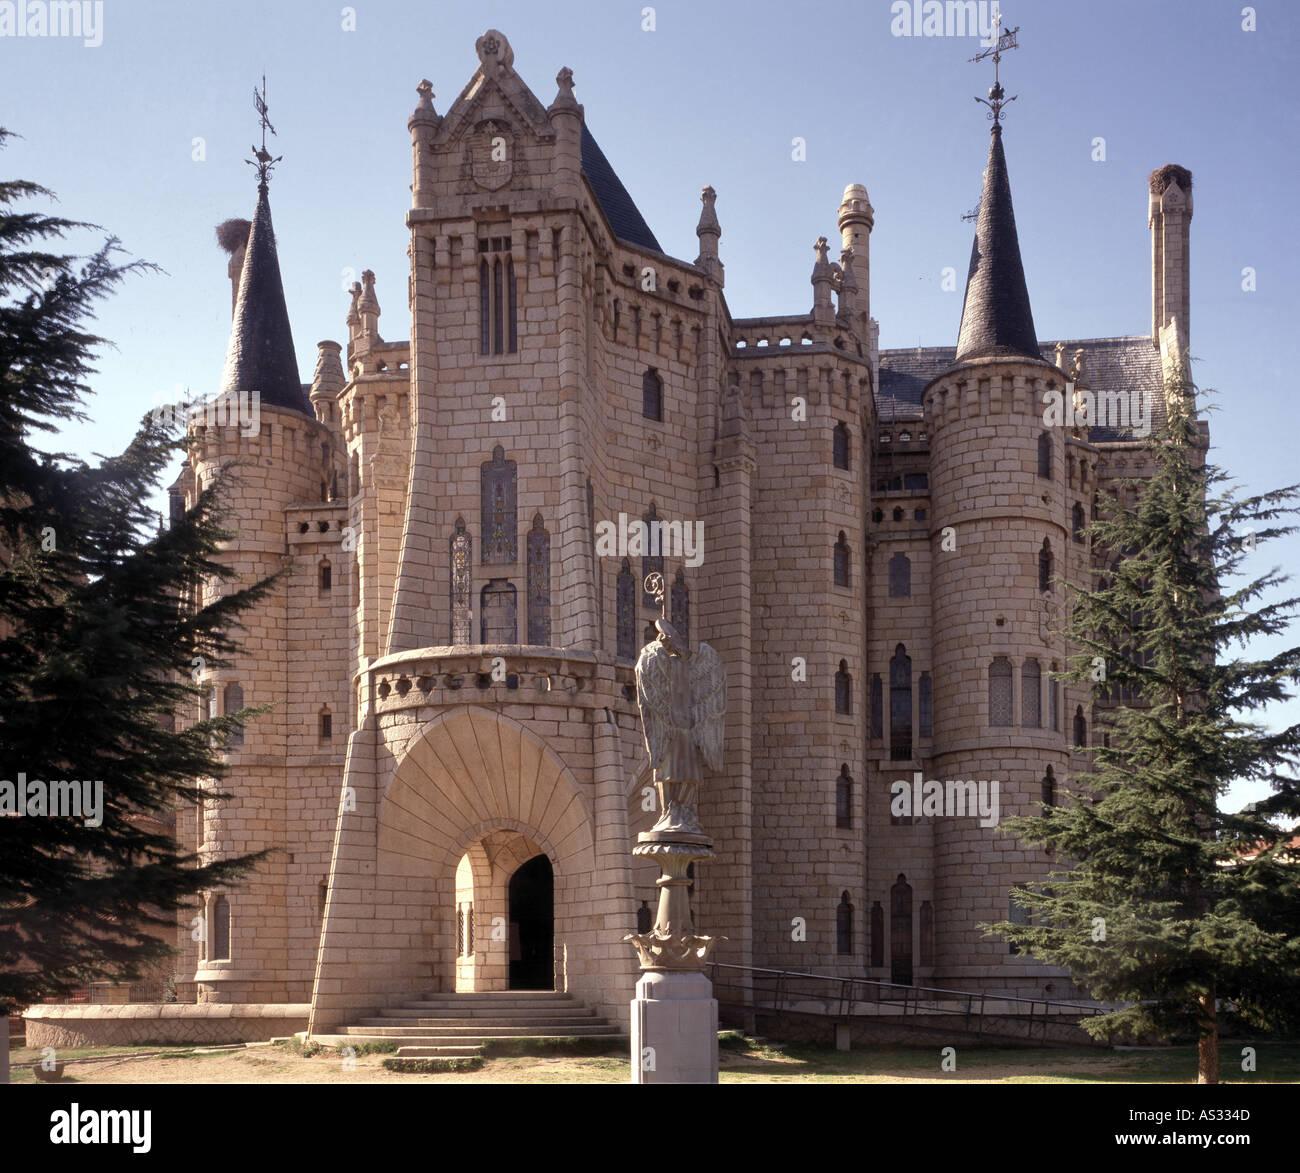 Architektur Fassade astorga bischofspalast fassade architekt antonio gaudi cornet